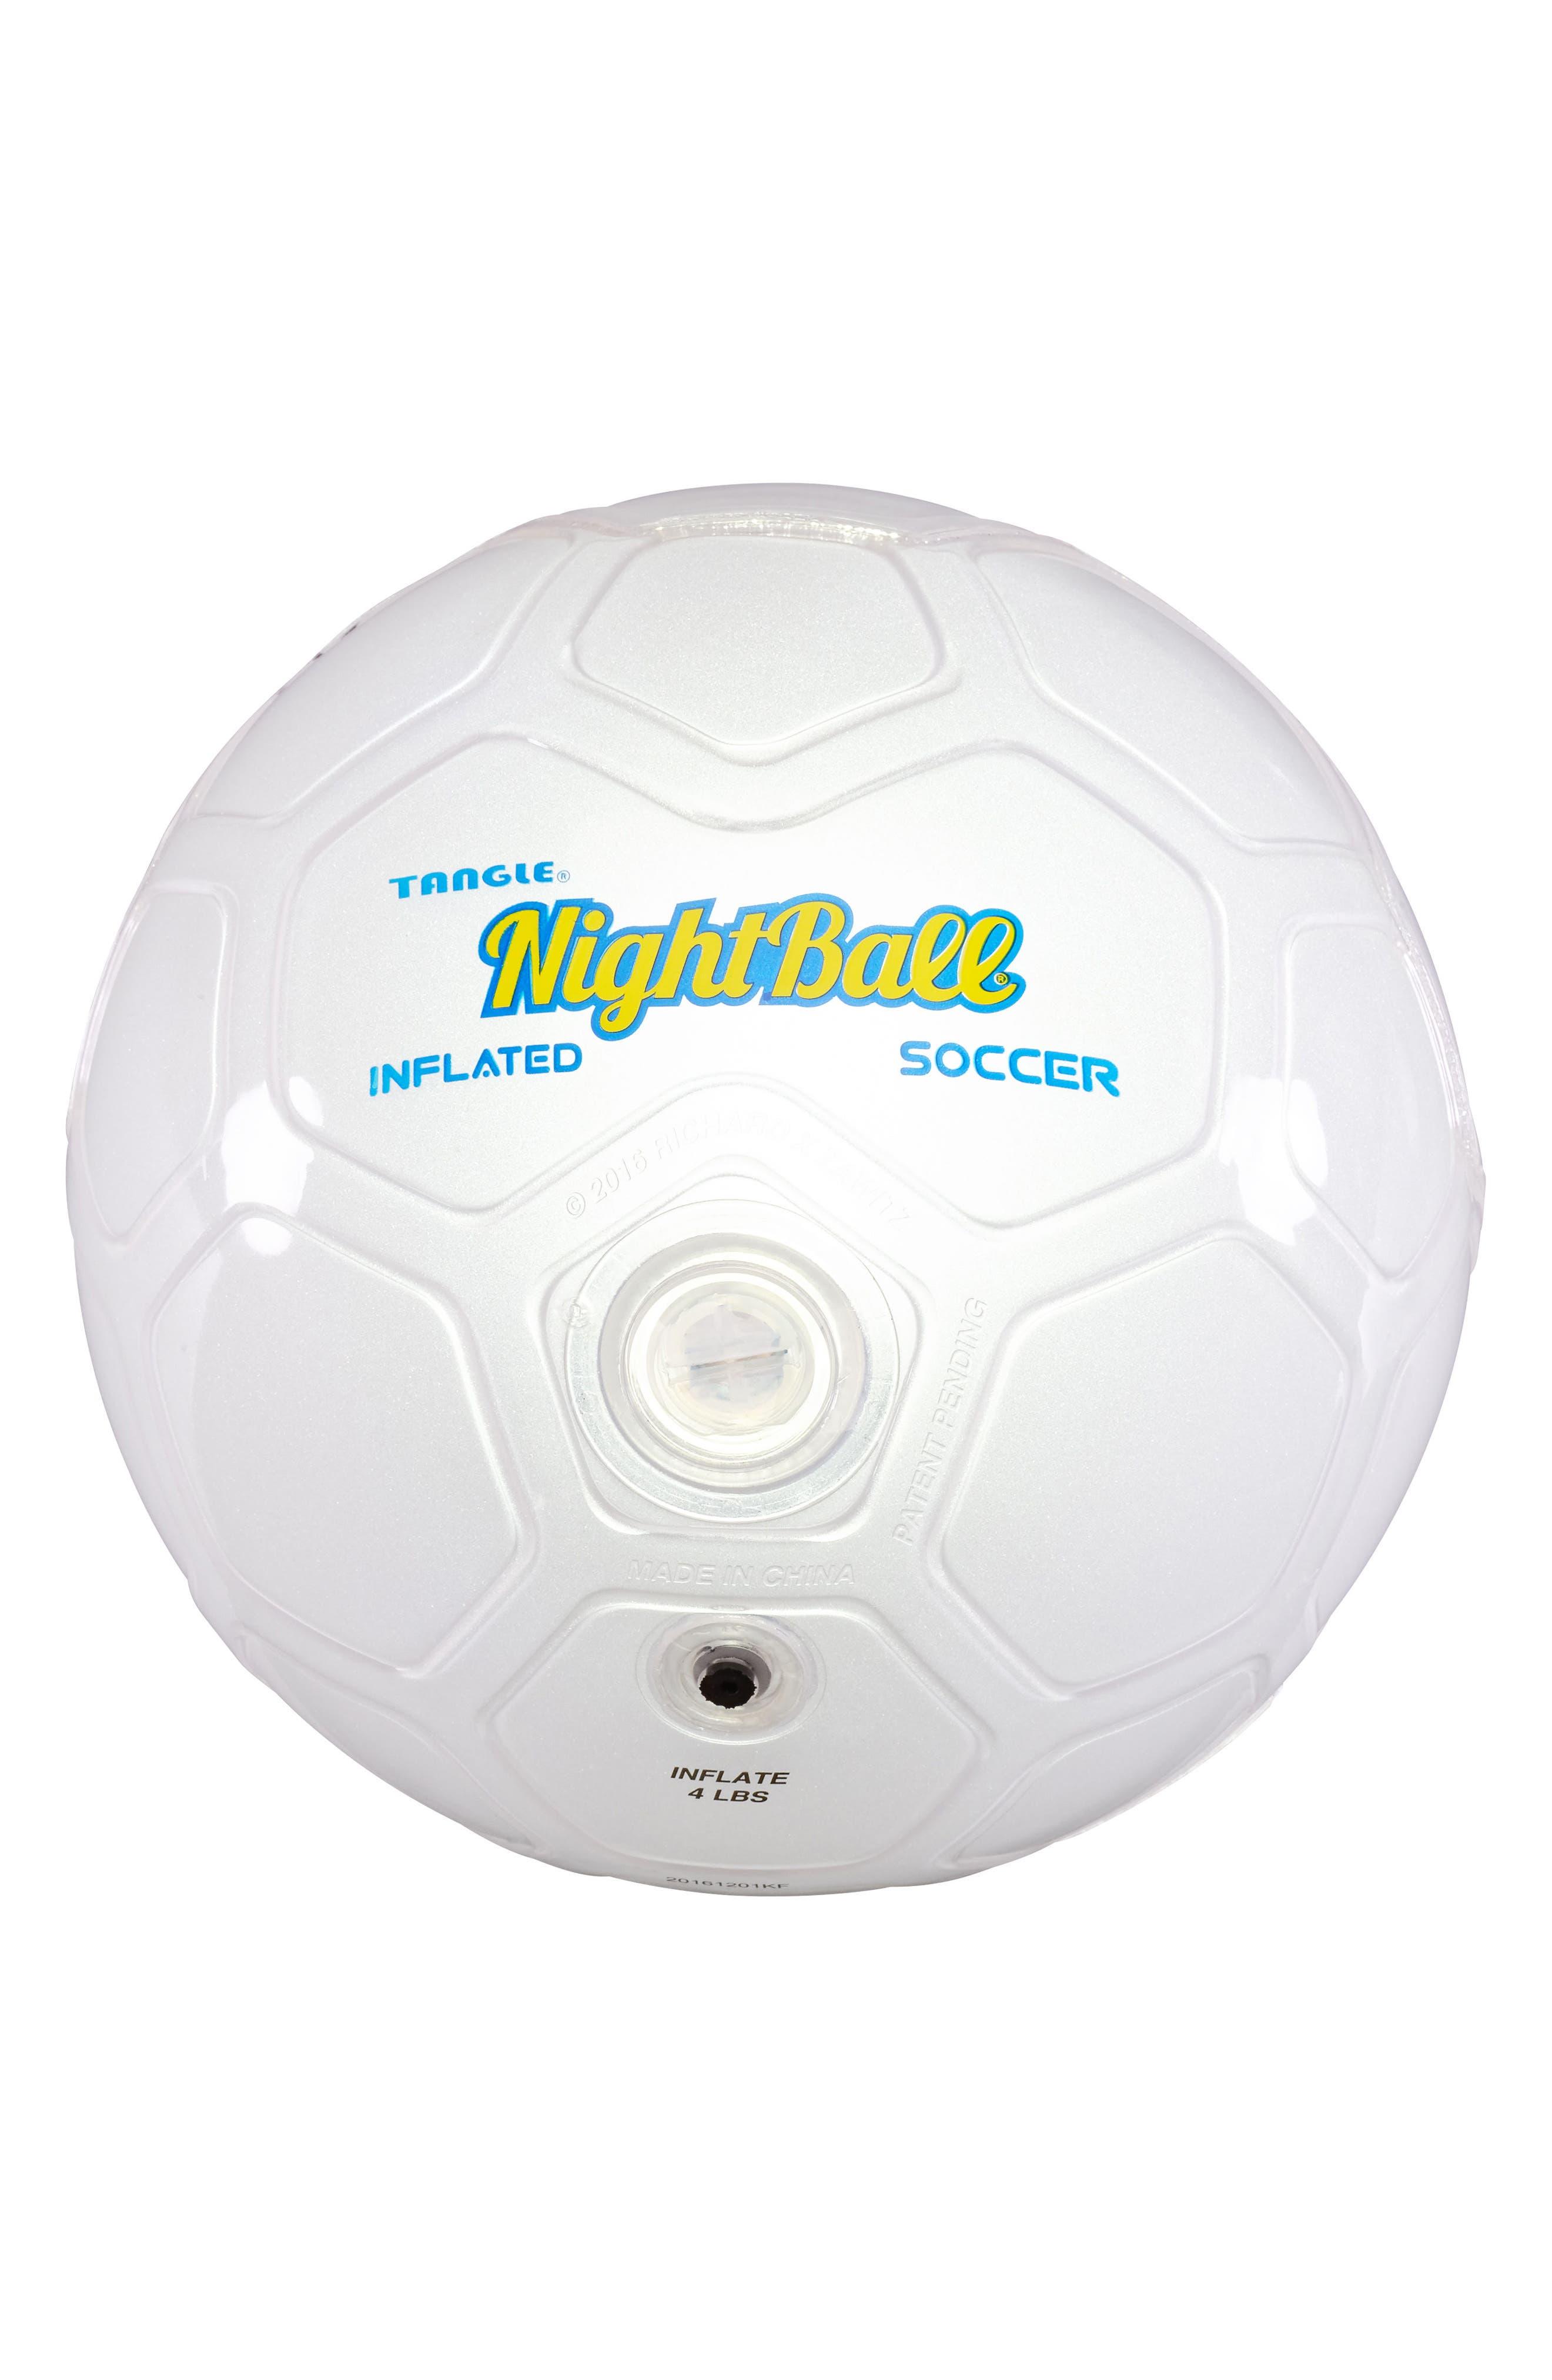 Main Image - Tangle NightBall Soccer Ball